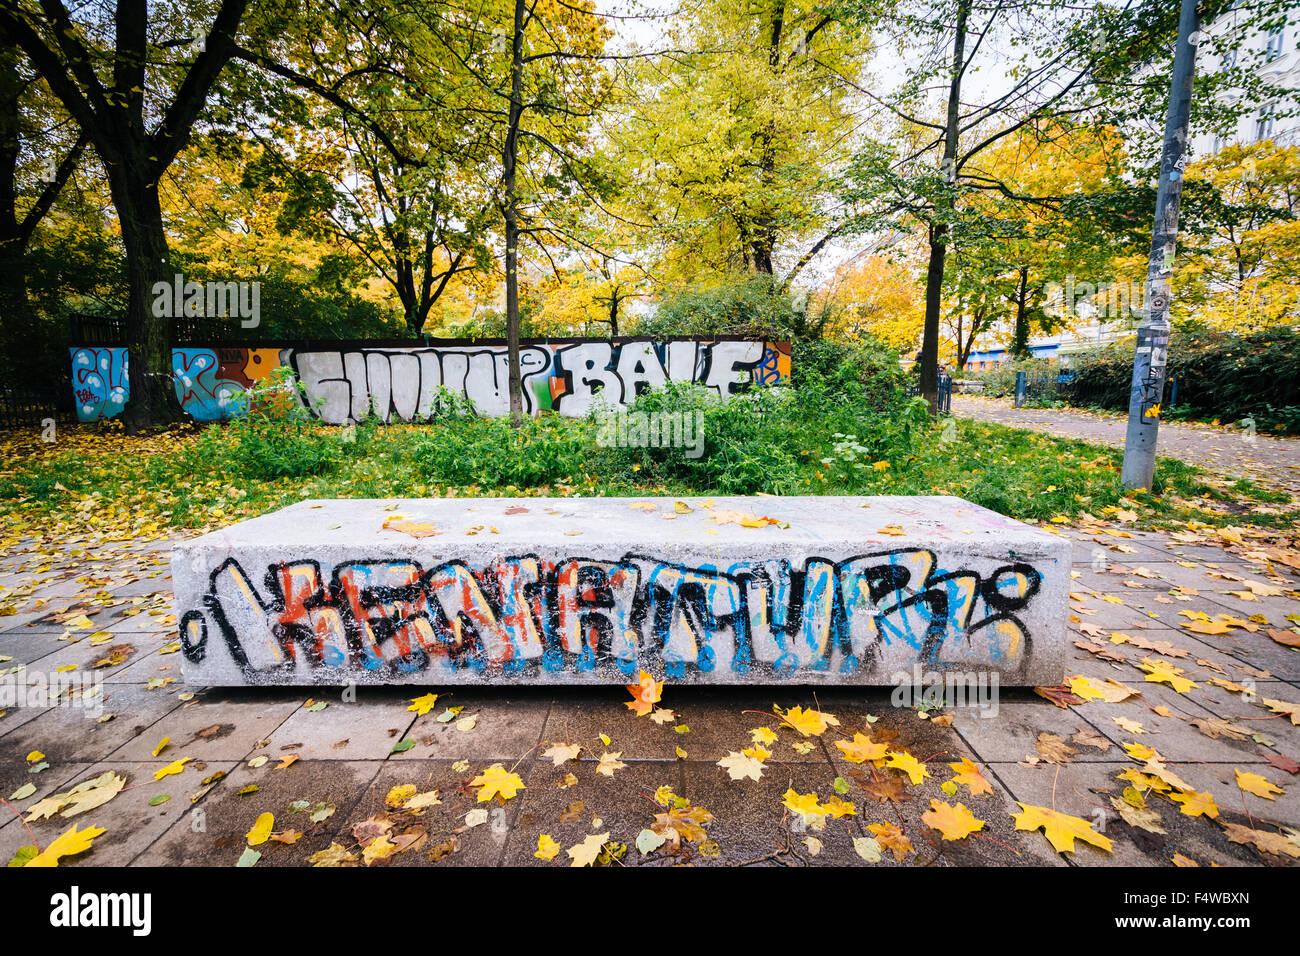 Graffiti Und Herbst Farbe Am Helmholtzplatz In Prenzlauer Berg